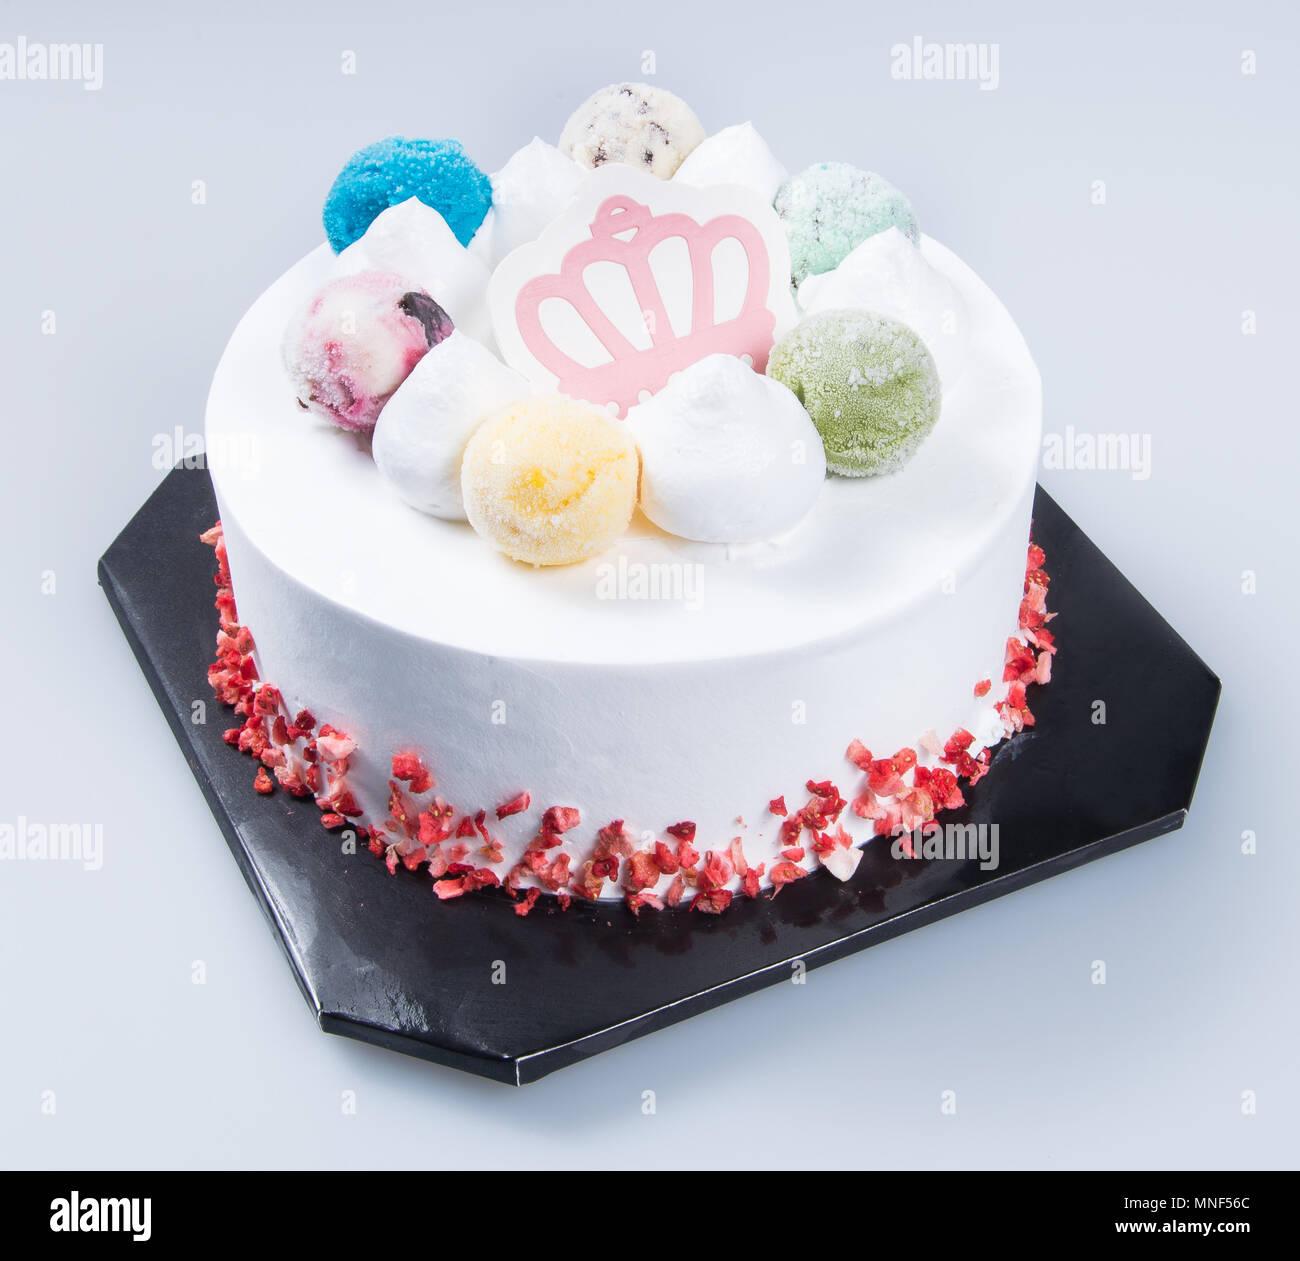 Kuchen Oder Muttertag Kuchen Mit Konzept Auf Einem Hintergrund